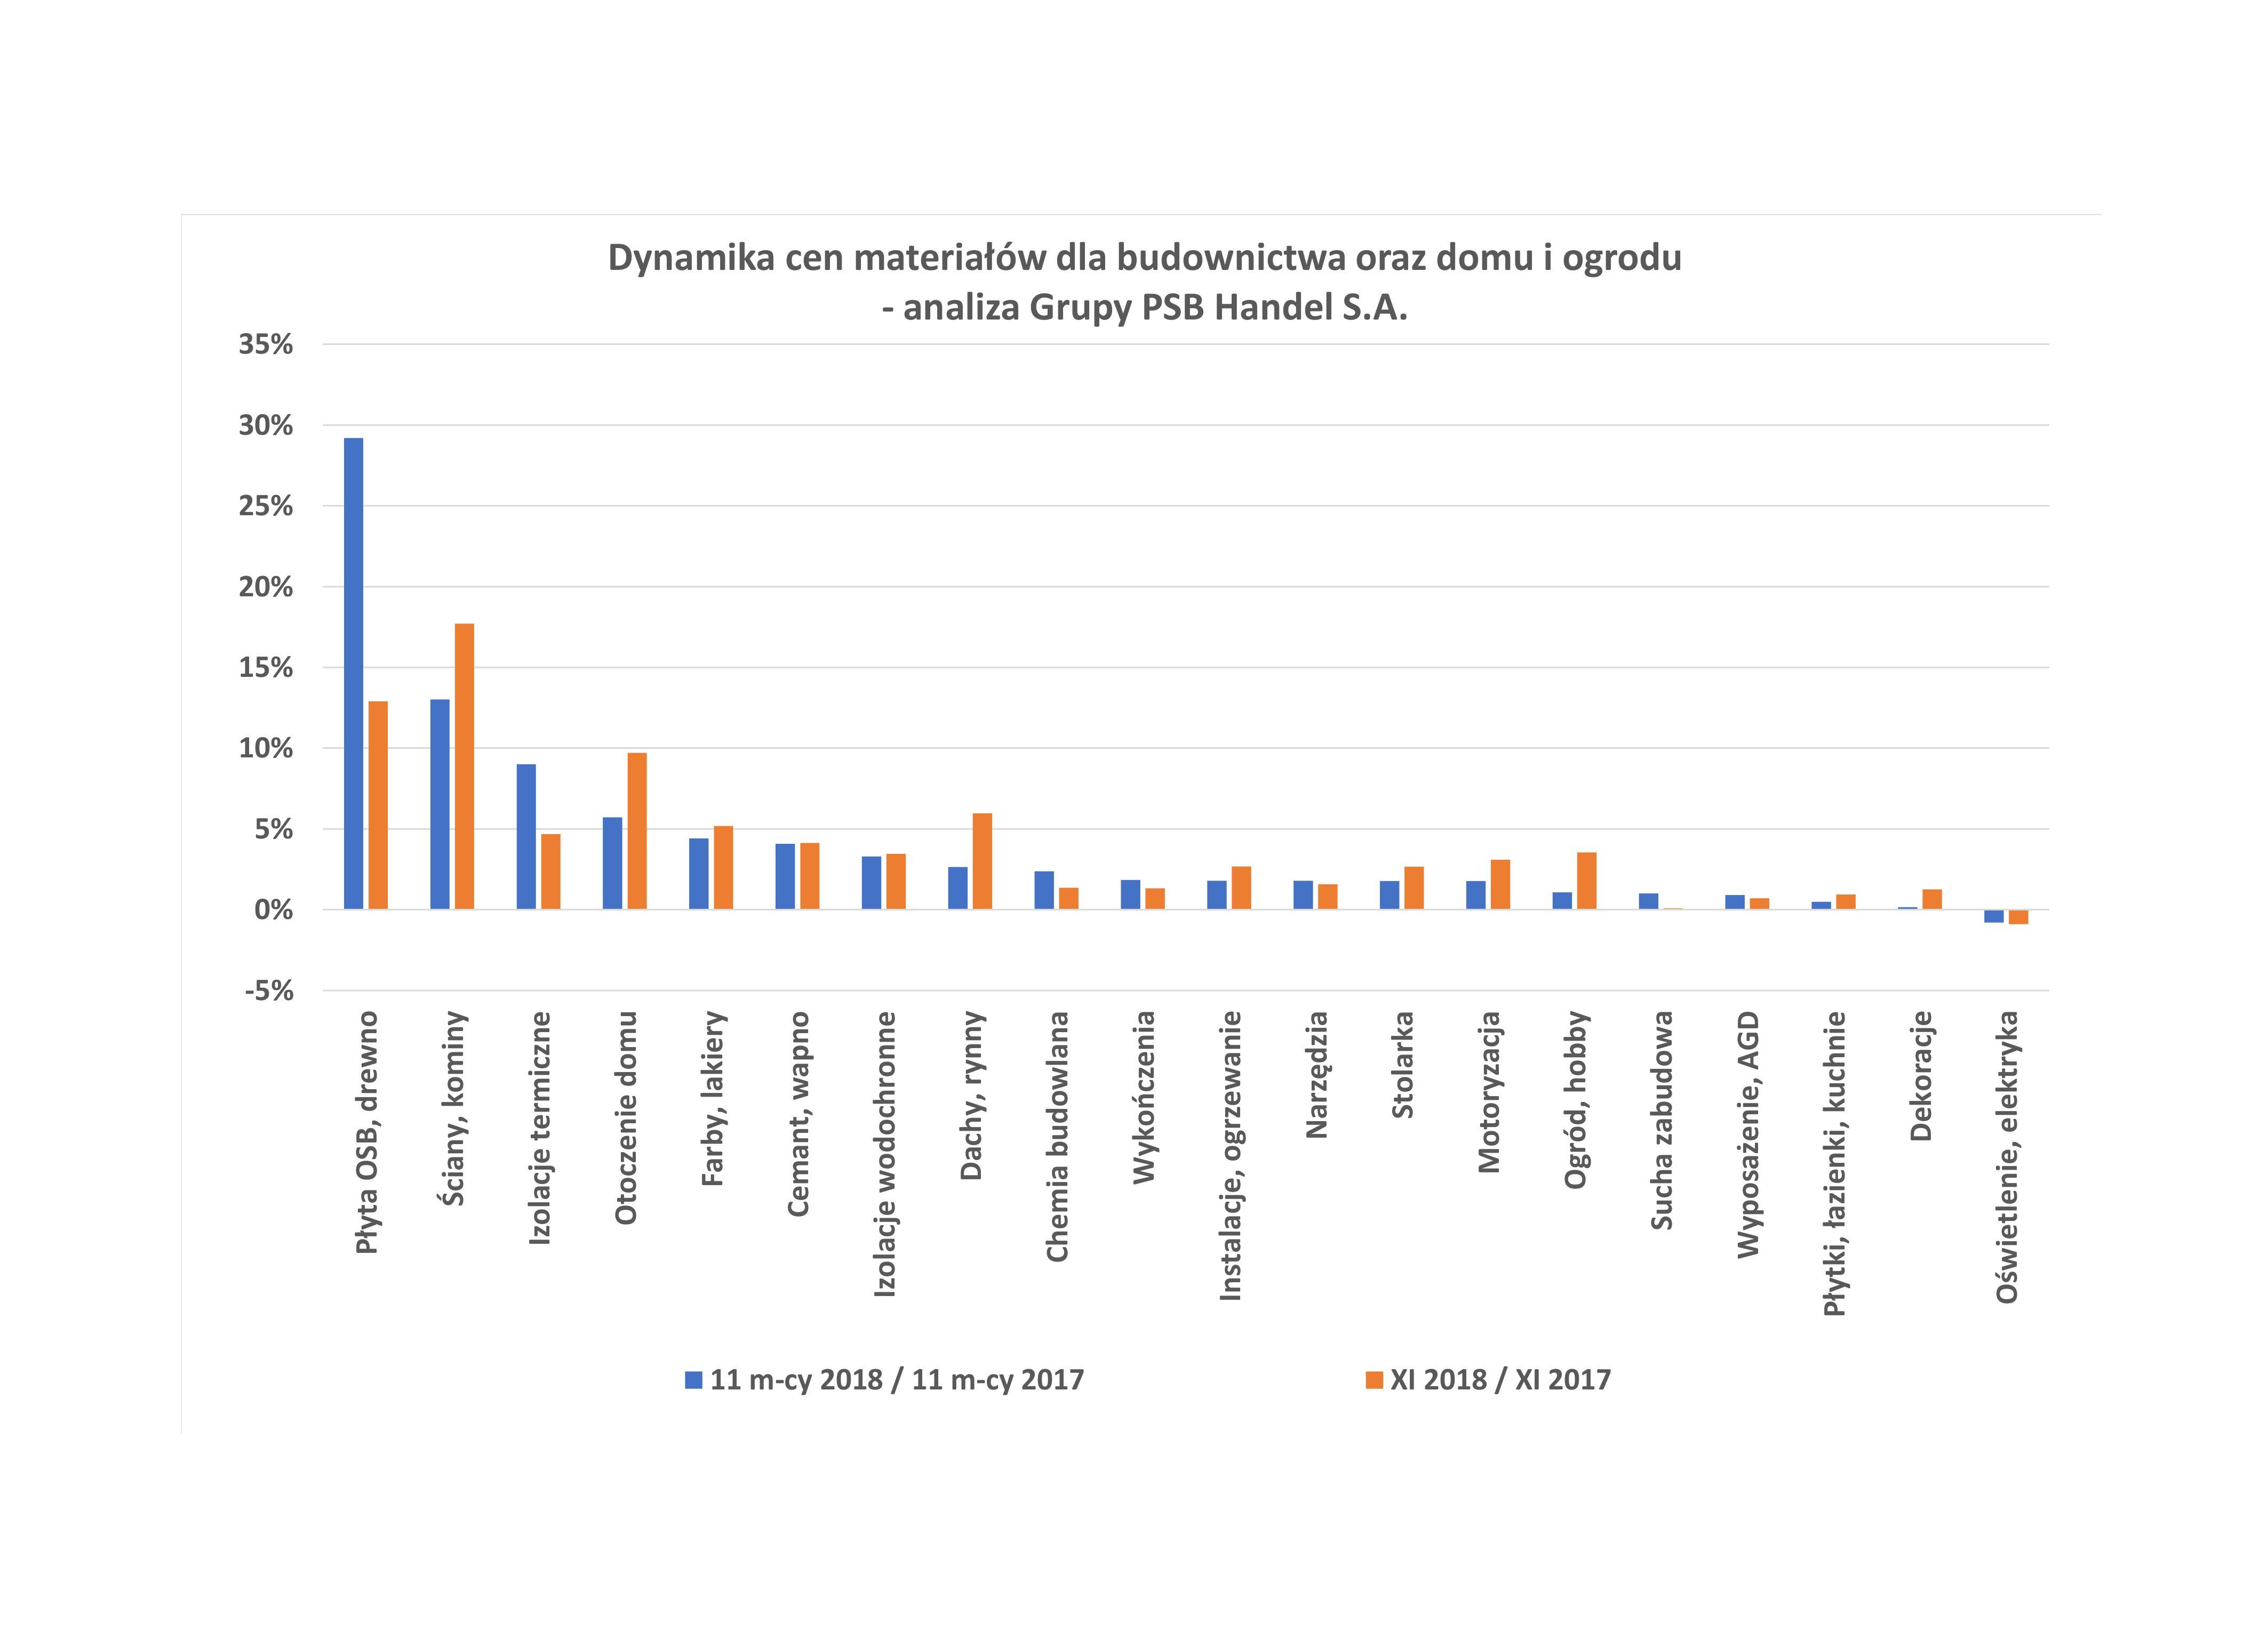 Dynamika cen materiałów dla budownictwa oraz domu i ogrodu w listopadzie br. Źródło: Grupa PSB